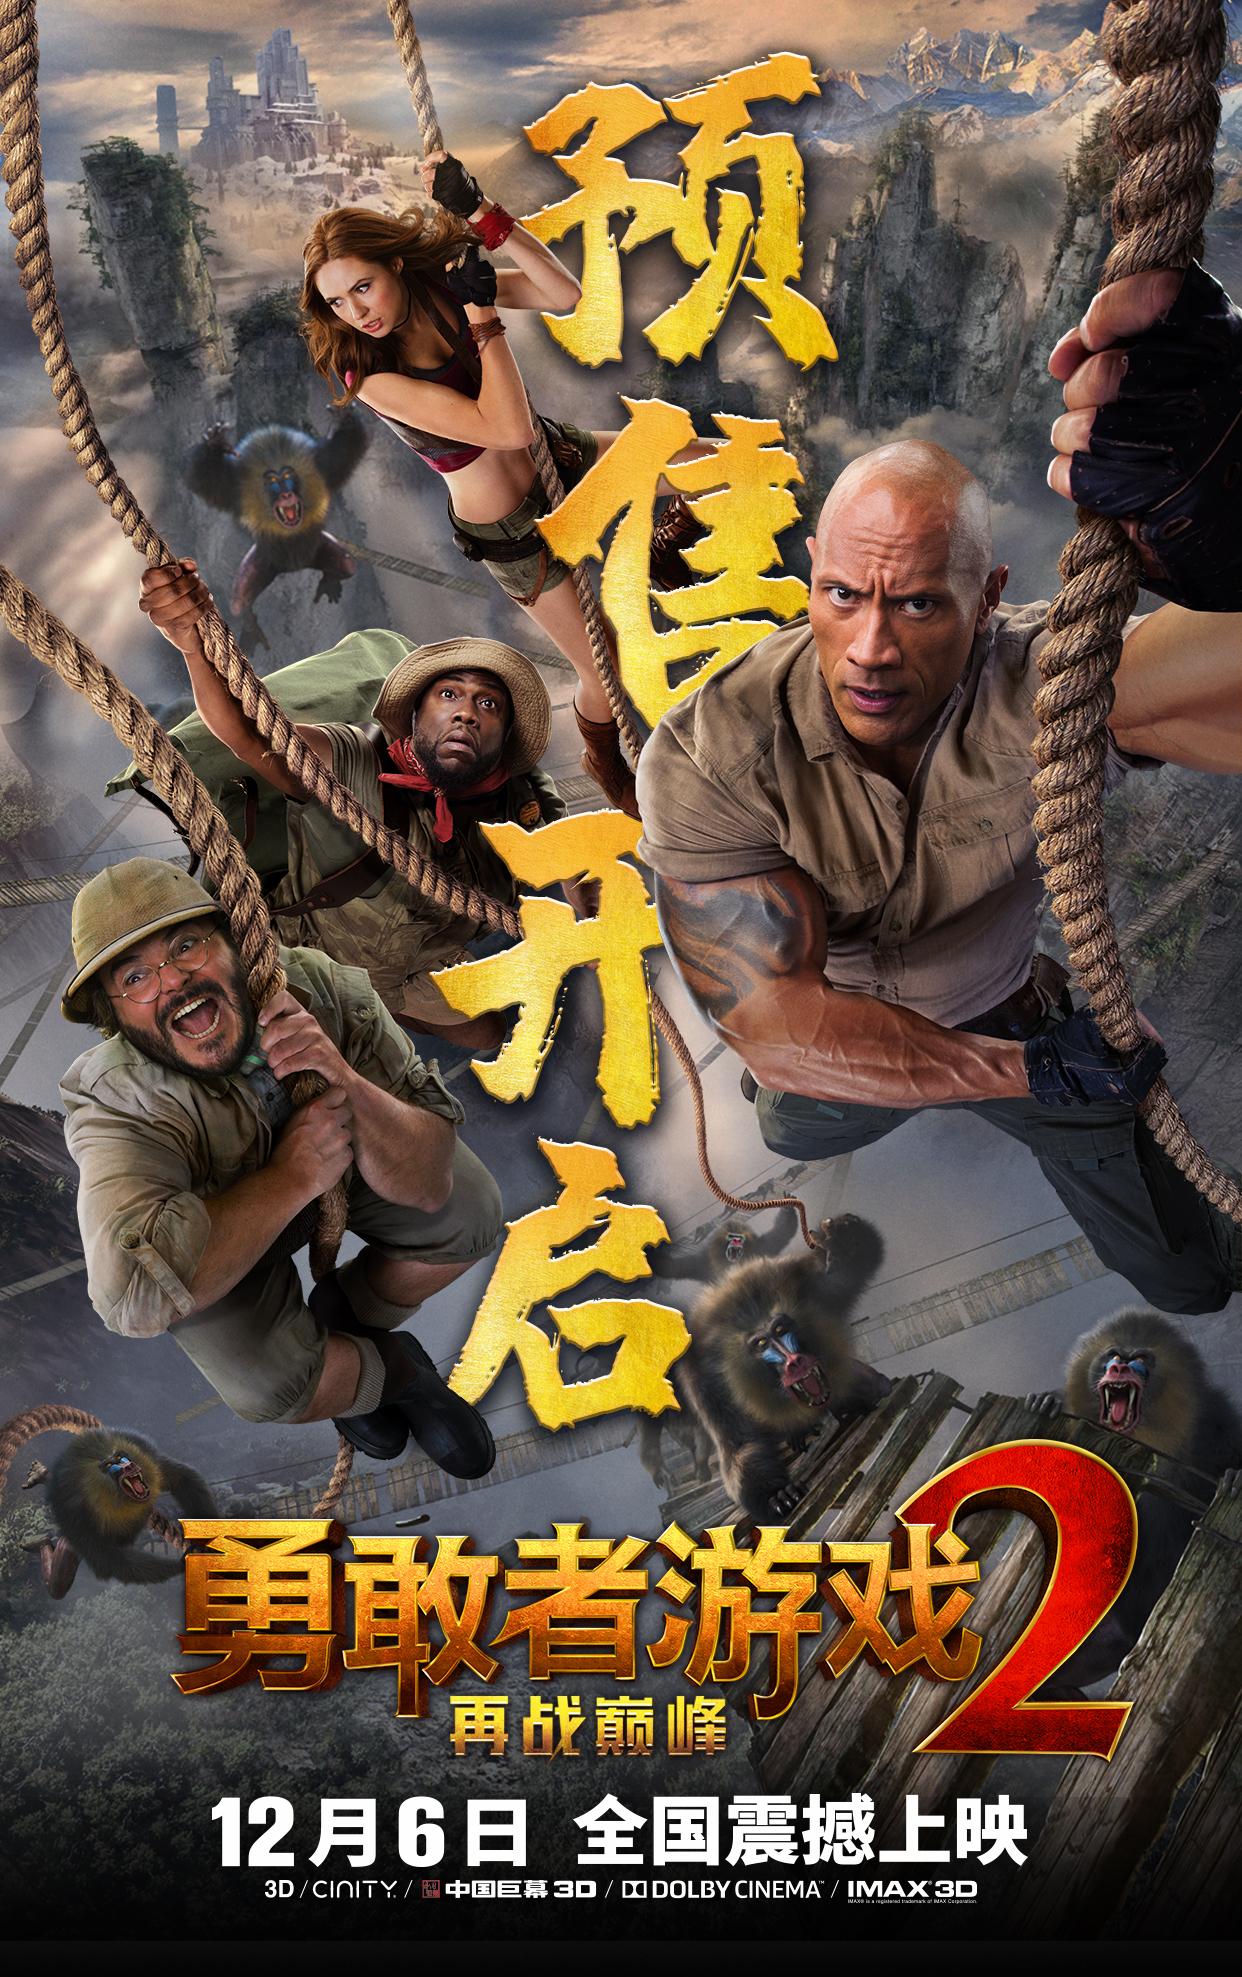 《勇敢者游戏2》12月6日震撼上映 5000人特效团队打造险境决战